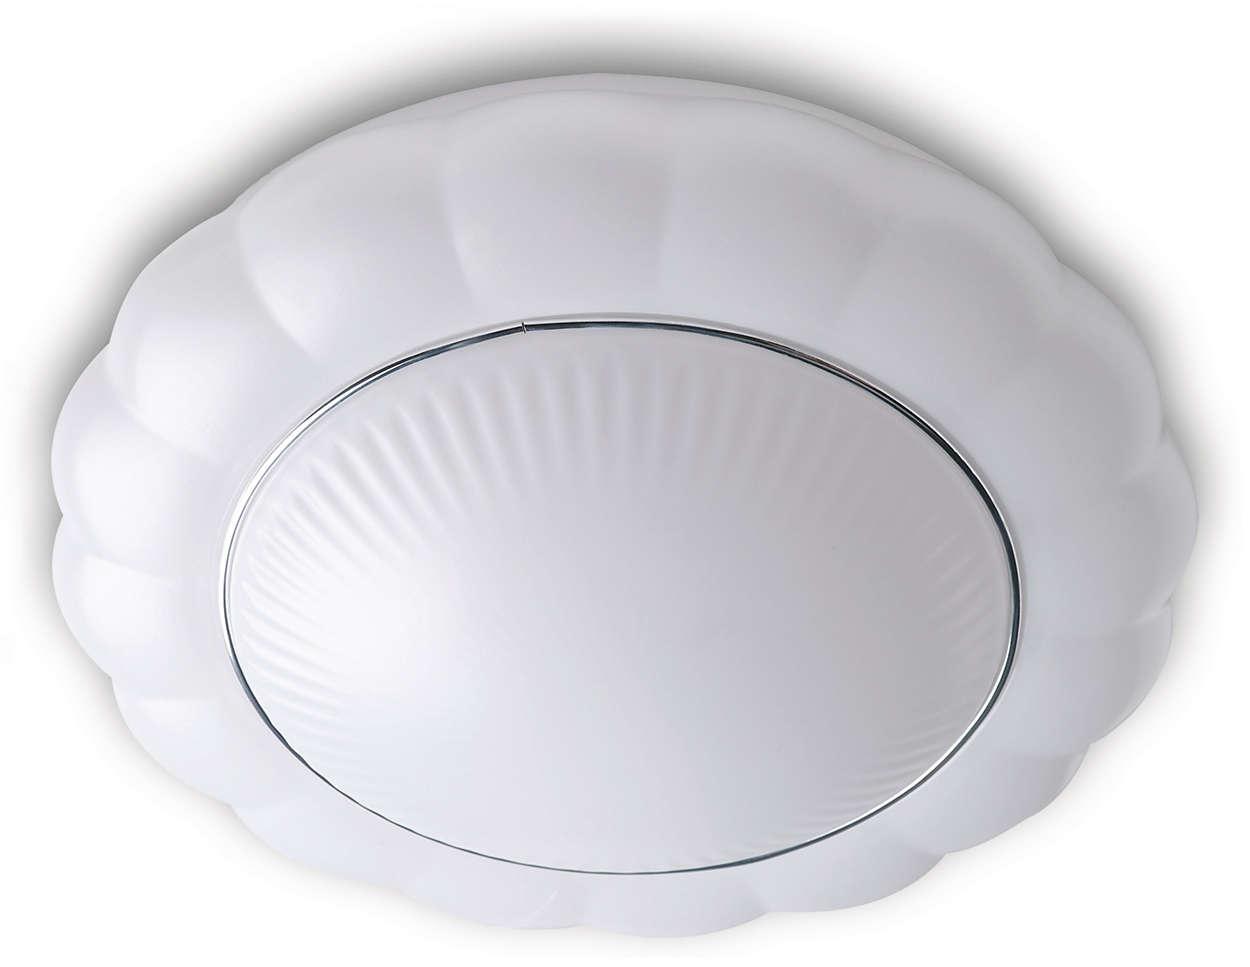 ผลิตภัณฑ์ส่องสว่างที่สว่างสดใสมากขึ้นเพื่อบ้านของคุณ